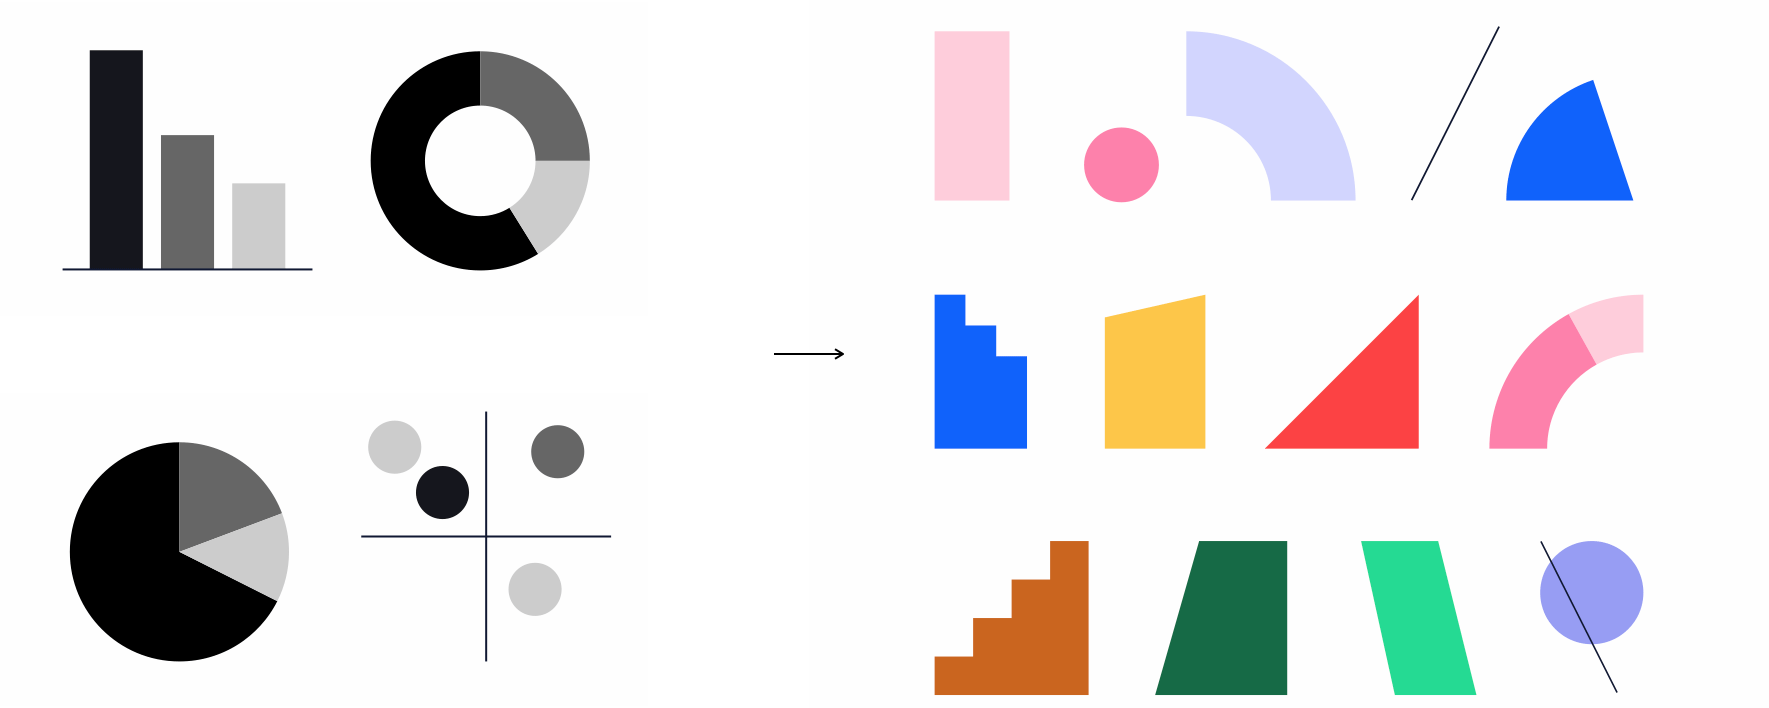 mentimeter-elementy-tlumaczenie-wykresy-seven-design